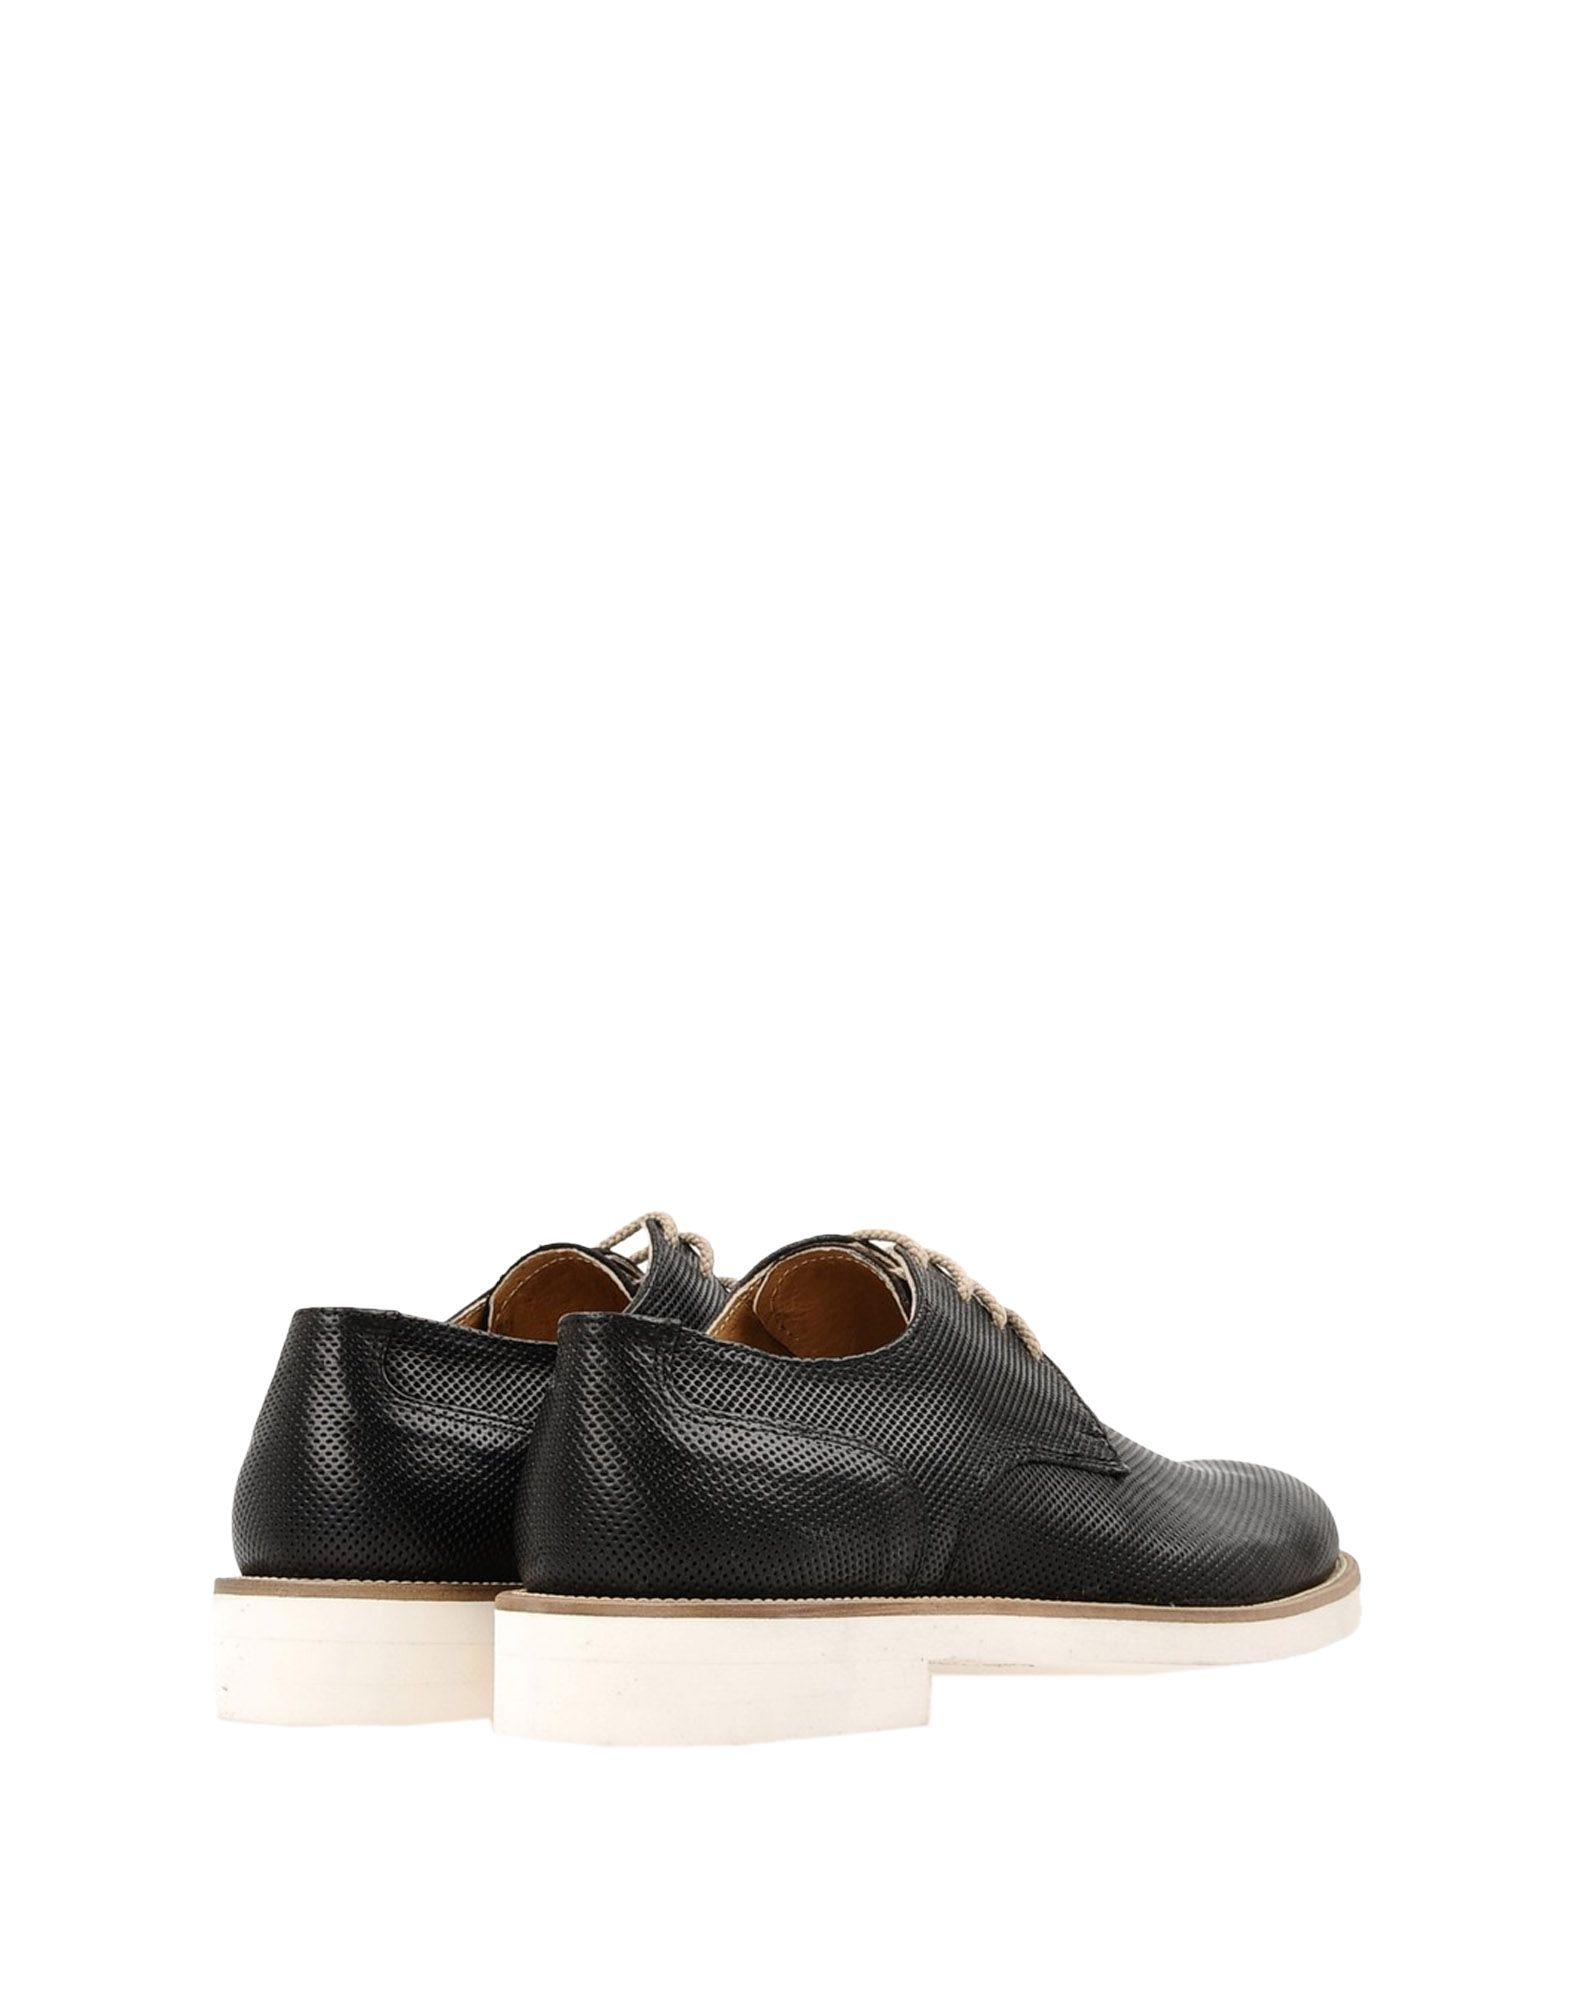 CHAUSSURES - Chaussures à lacetsCarmine Marfé Arriver À Acheter À Vendre Prix Pas Cher Sortie 23KwW2Z3